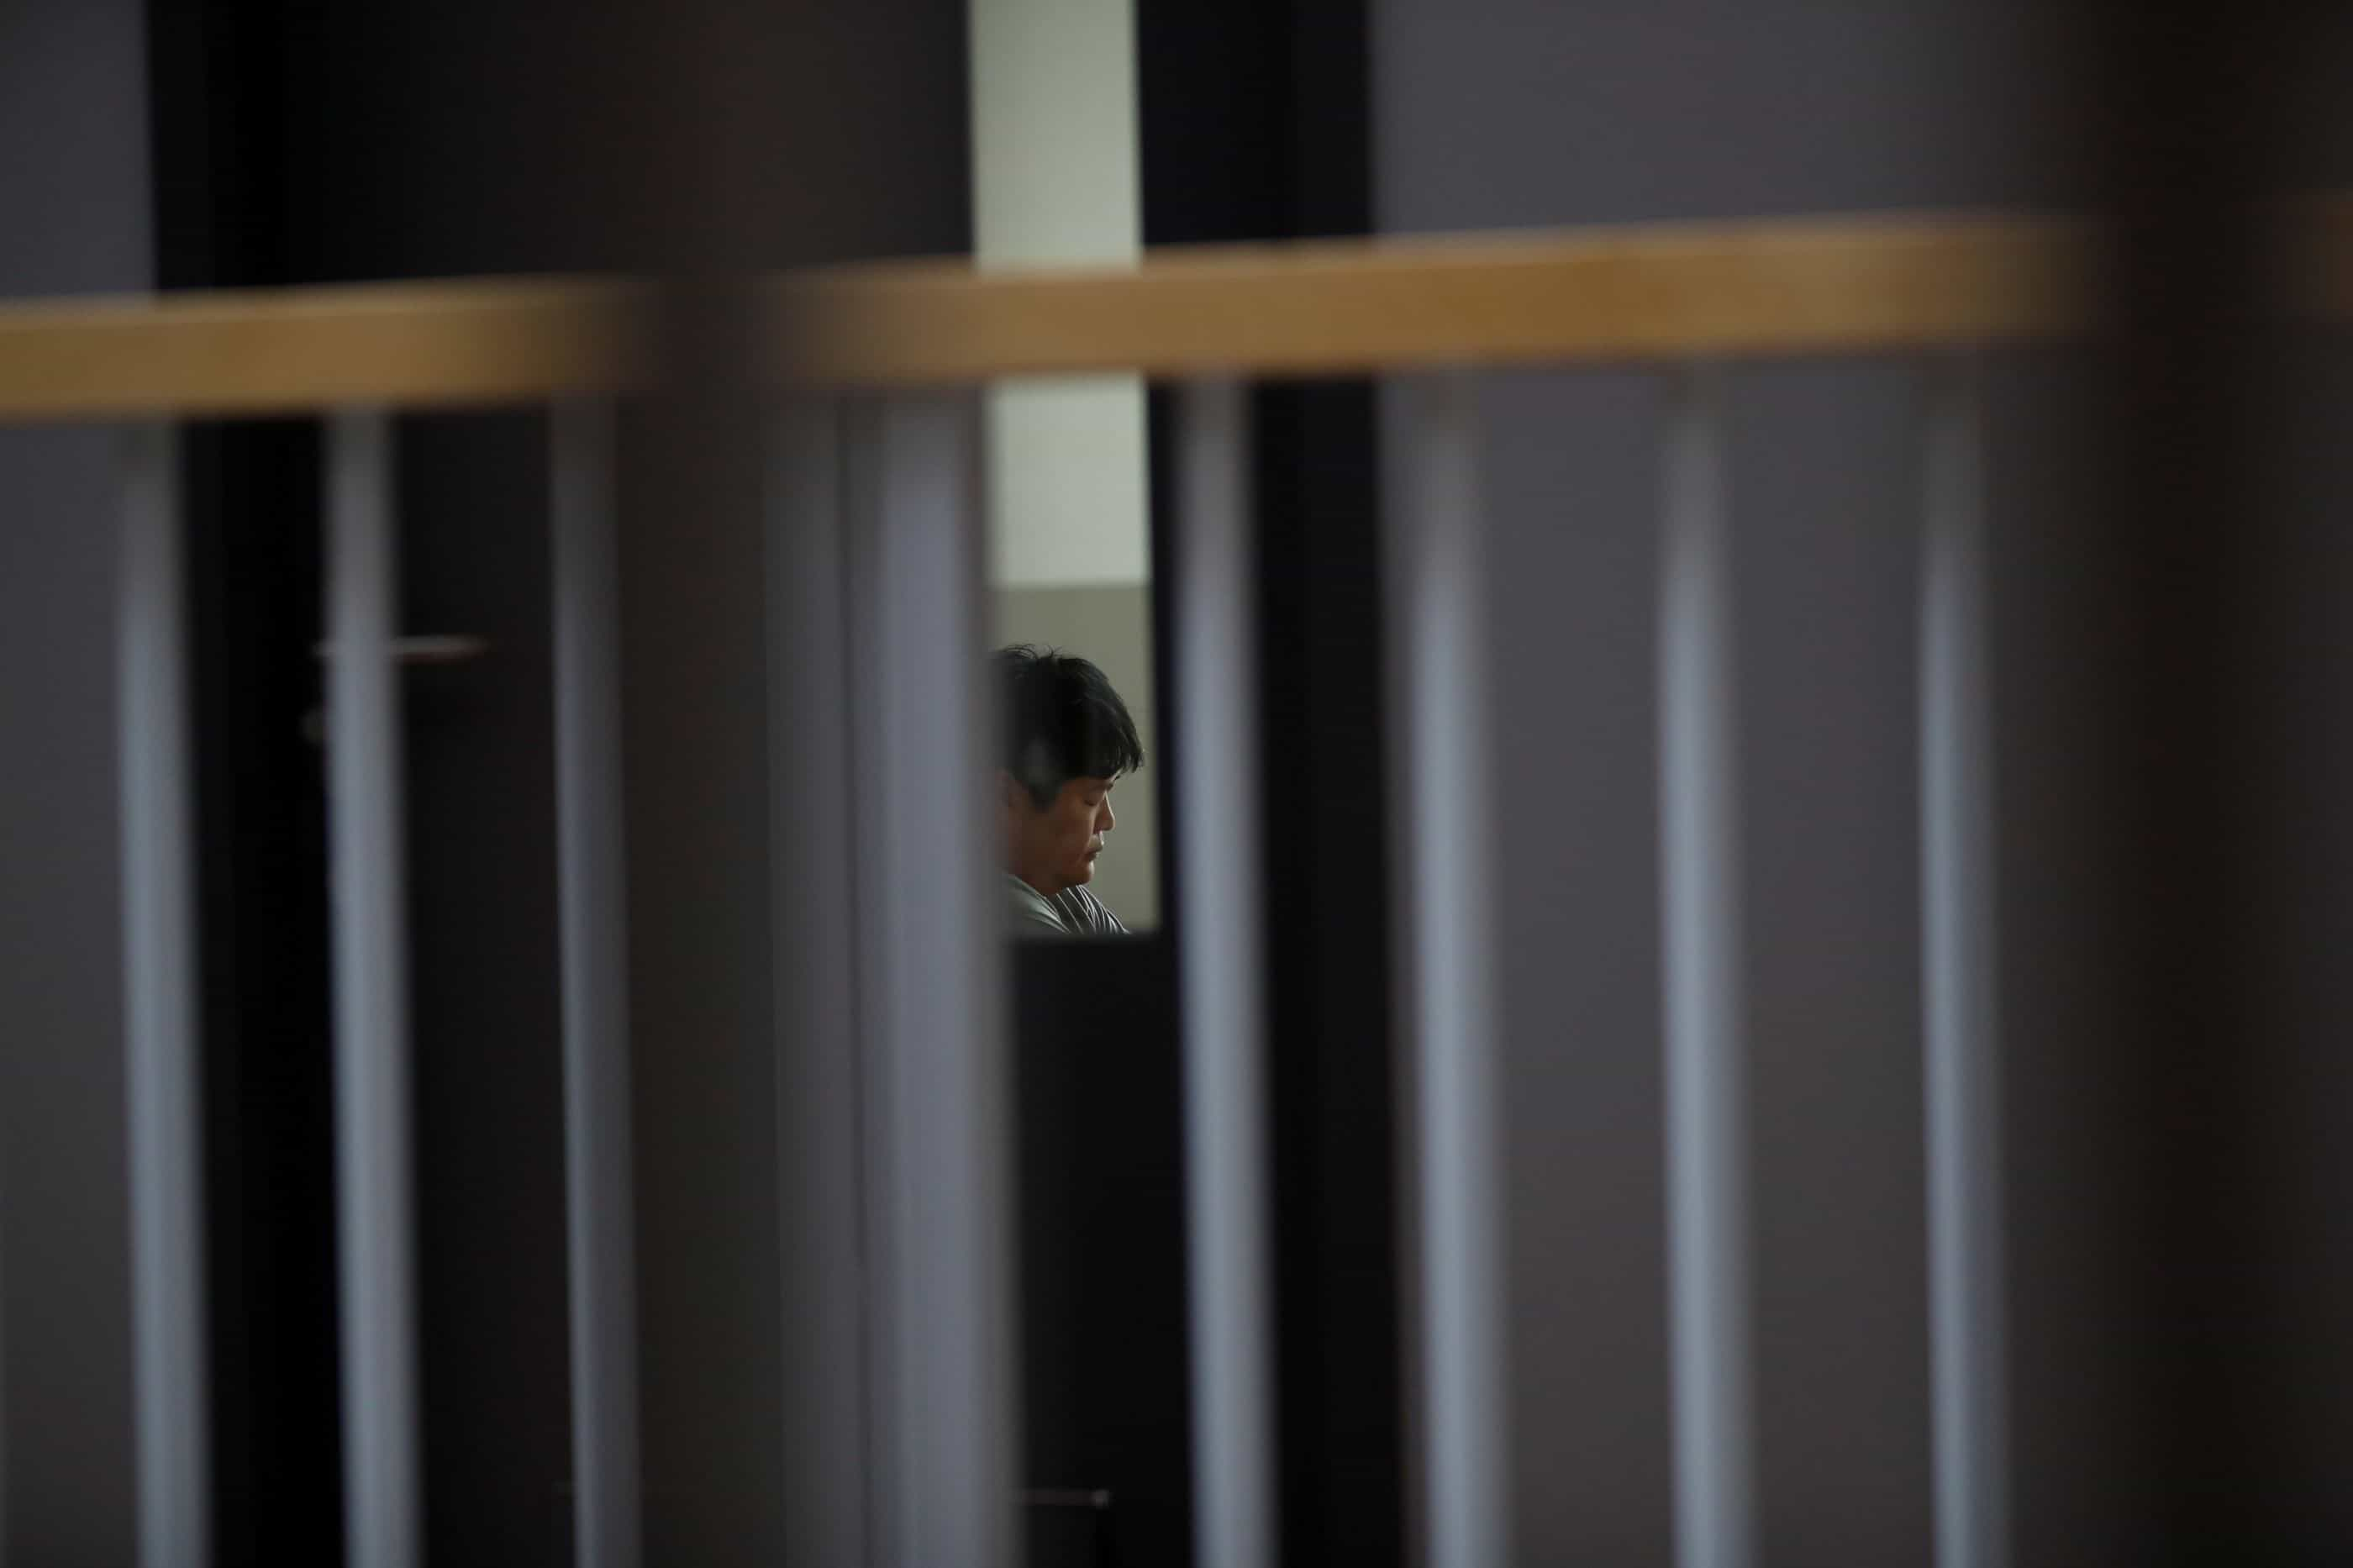 Há quem pague para ser 'preso' e assim conseguir uma pausa da vida diária